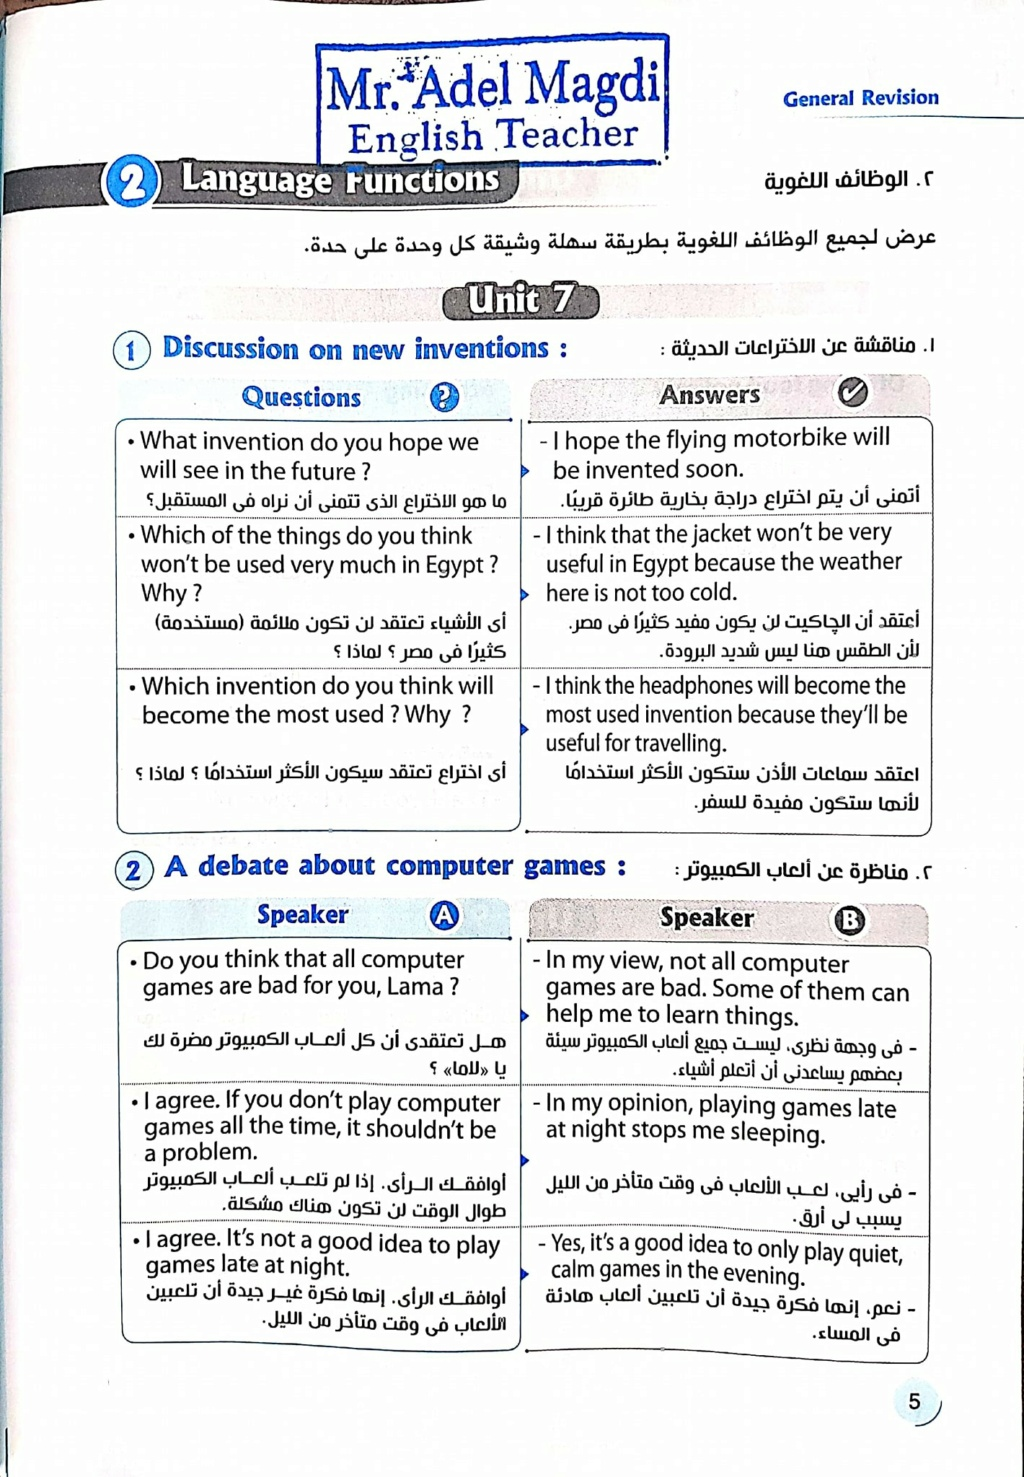 مذكرة منهج اللغة الانجليزية الجديد للصف الثاني الاعدادي الترم الثاني ٢٠٢١ 411167